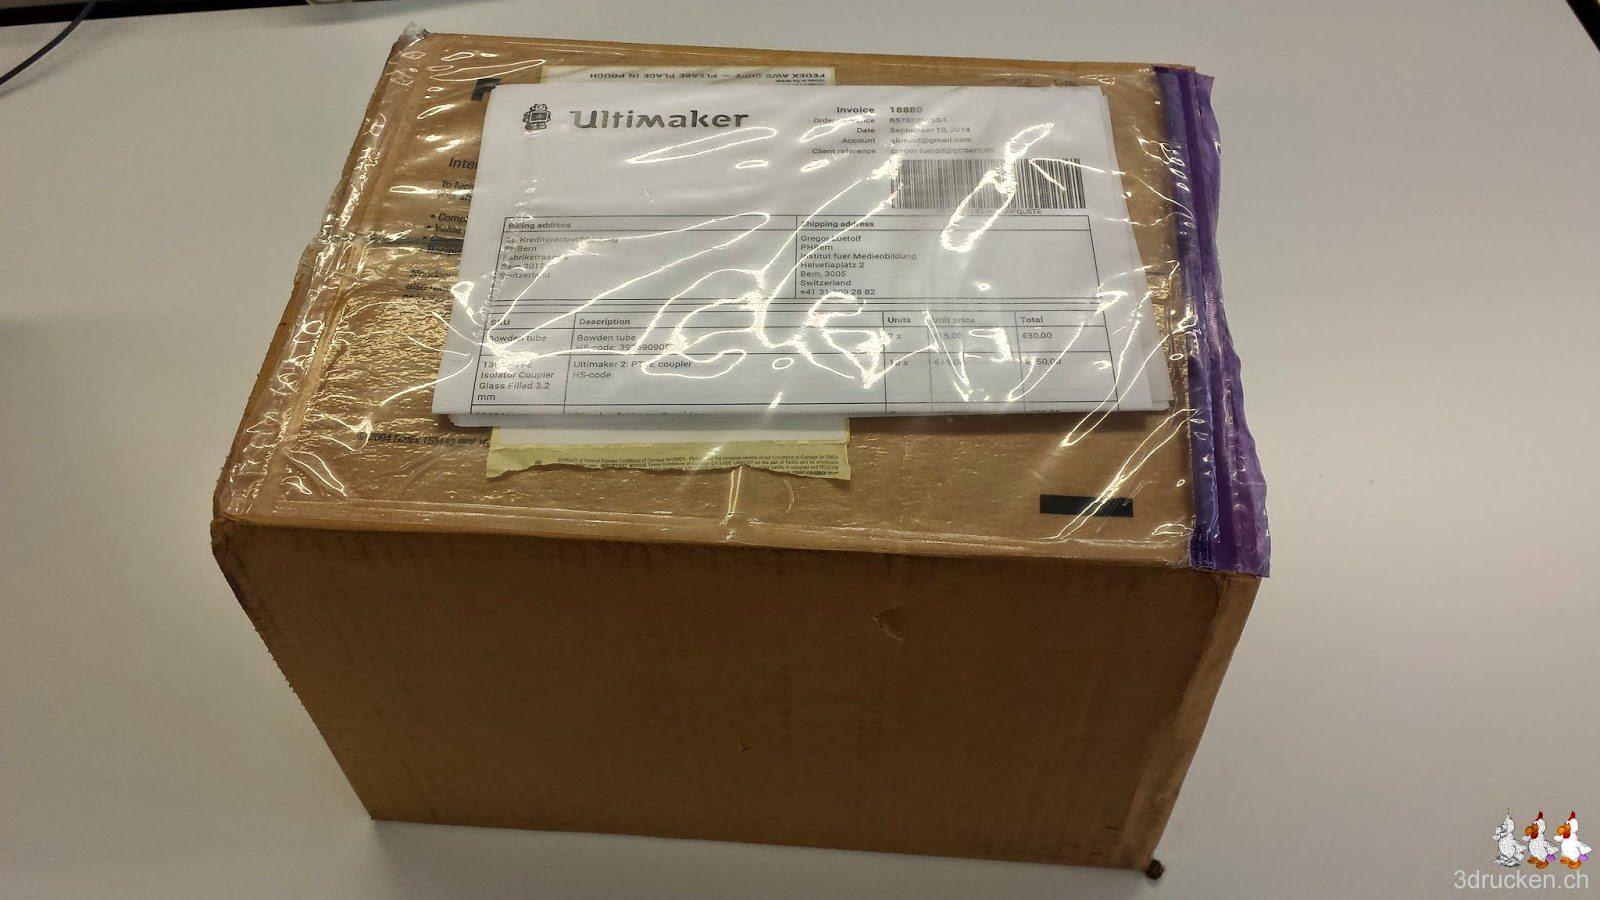 Foto des Pakets mit Frachtbrief von Ultimaker